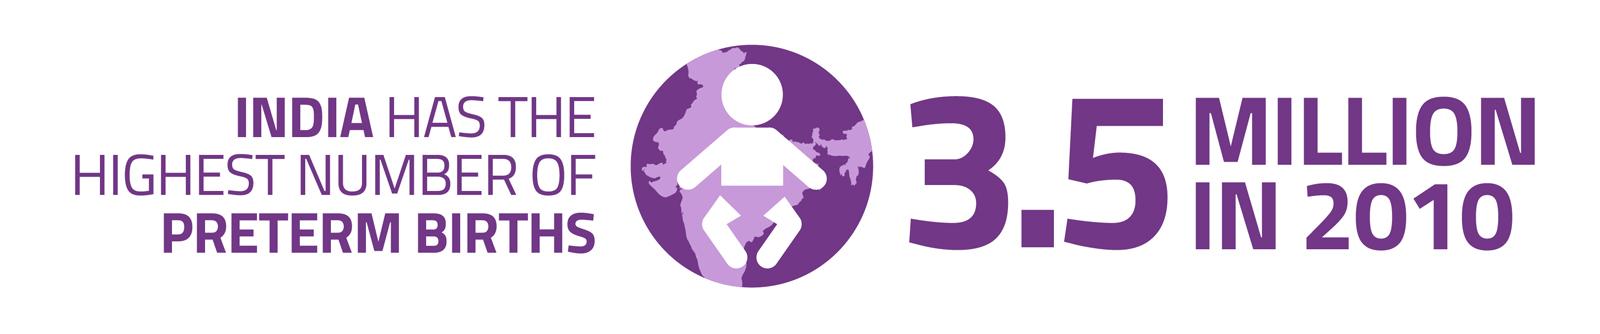 rop-2c1-preterm-births-1600w